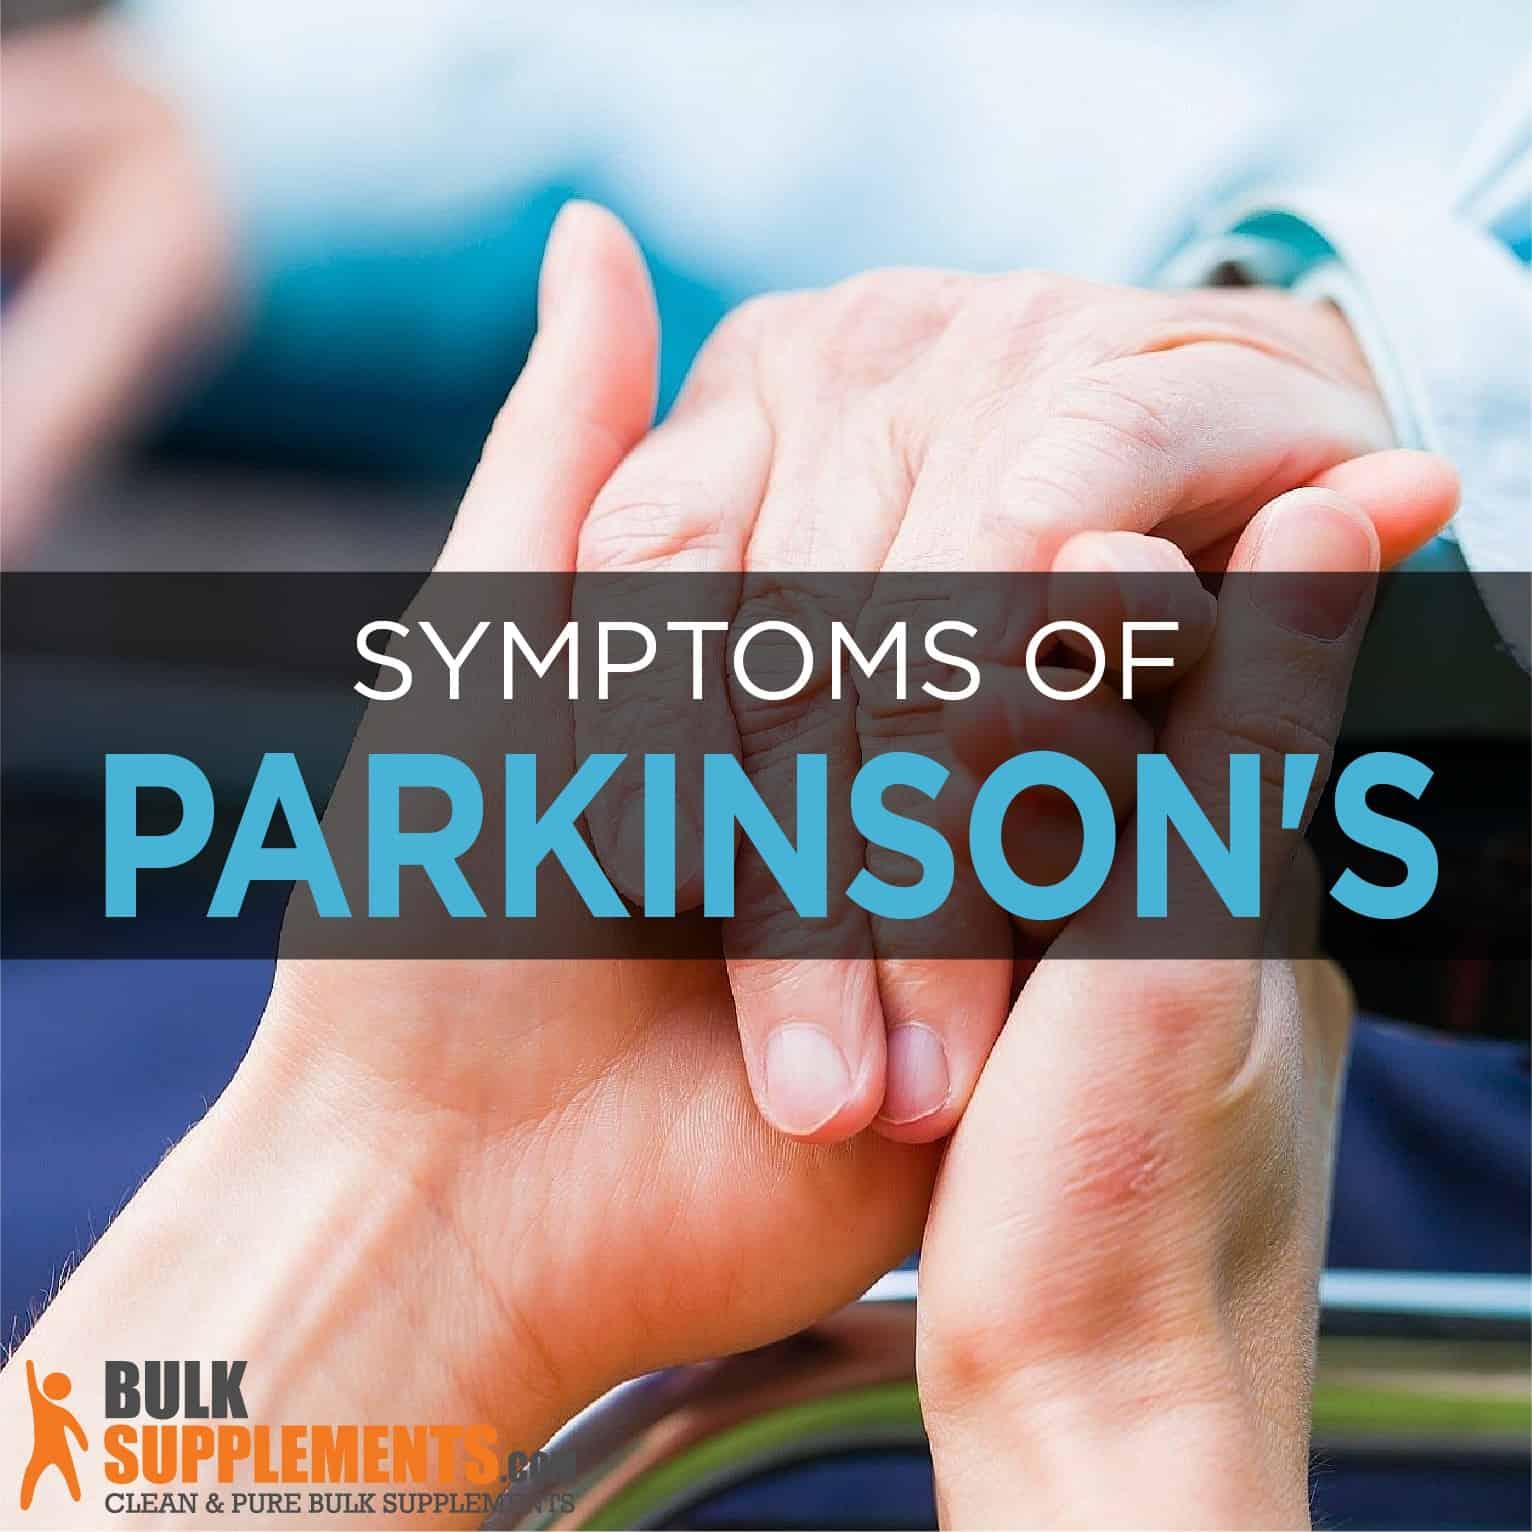 Parkinson's Disease: Symptoms, Causes & Treatment